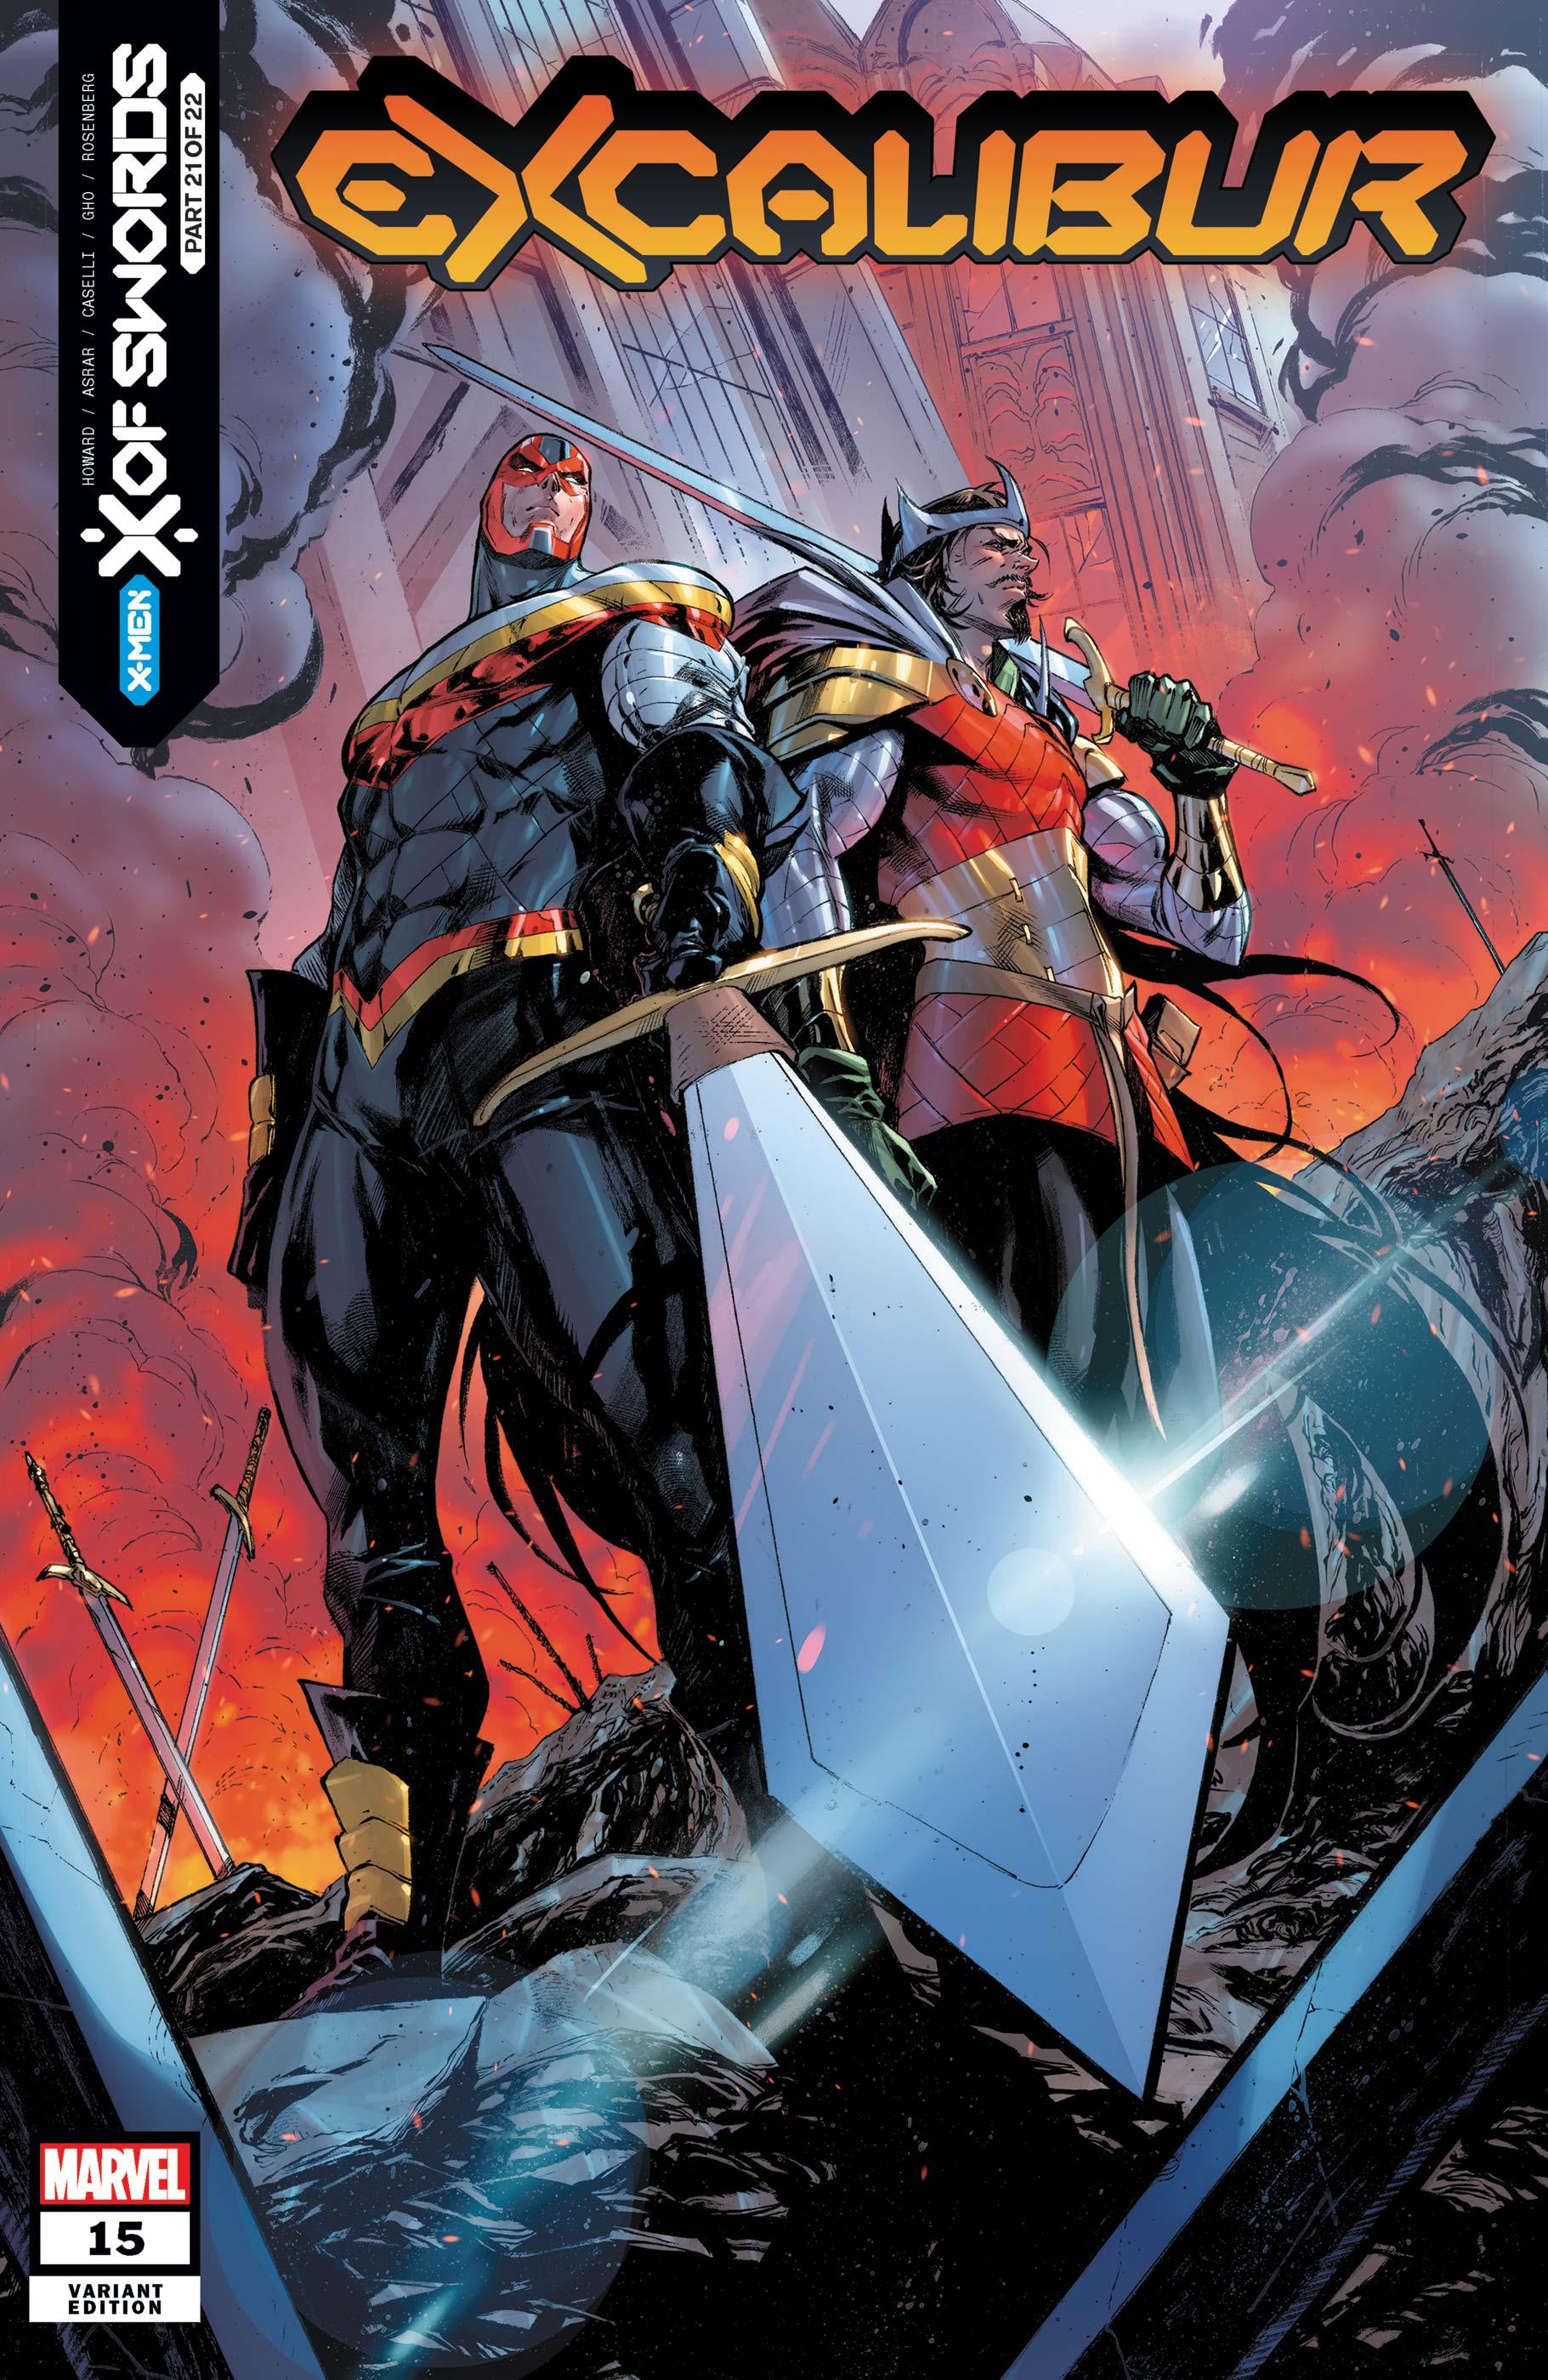 Excalibur (2019) #15 (Variant)